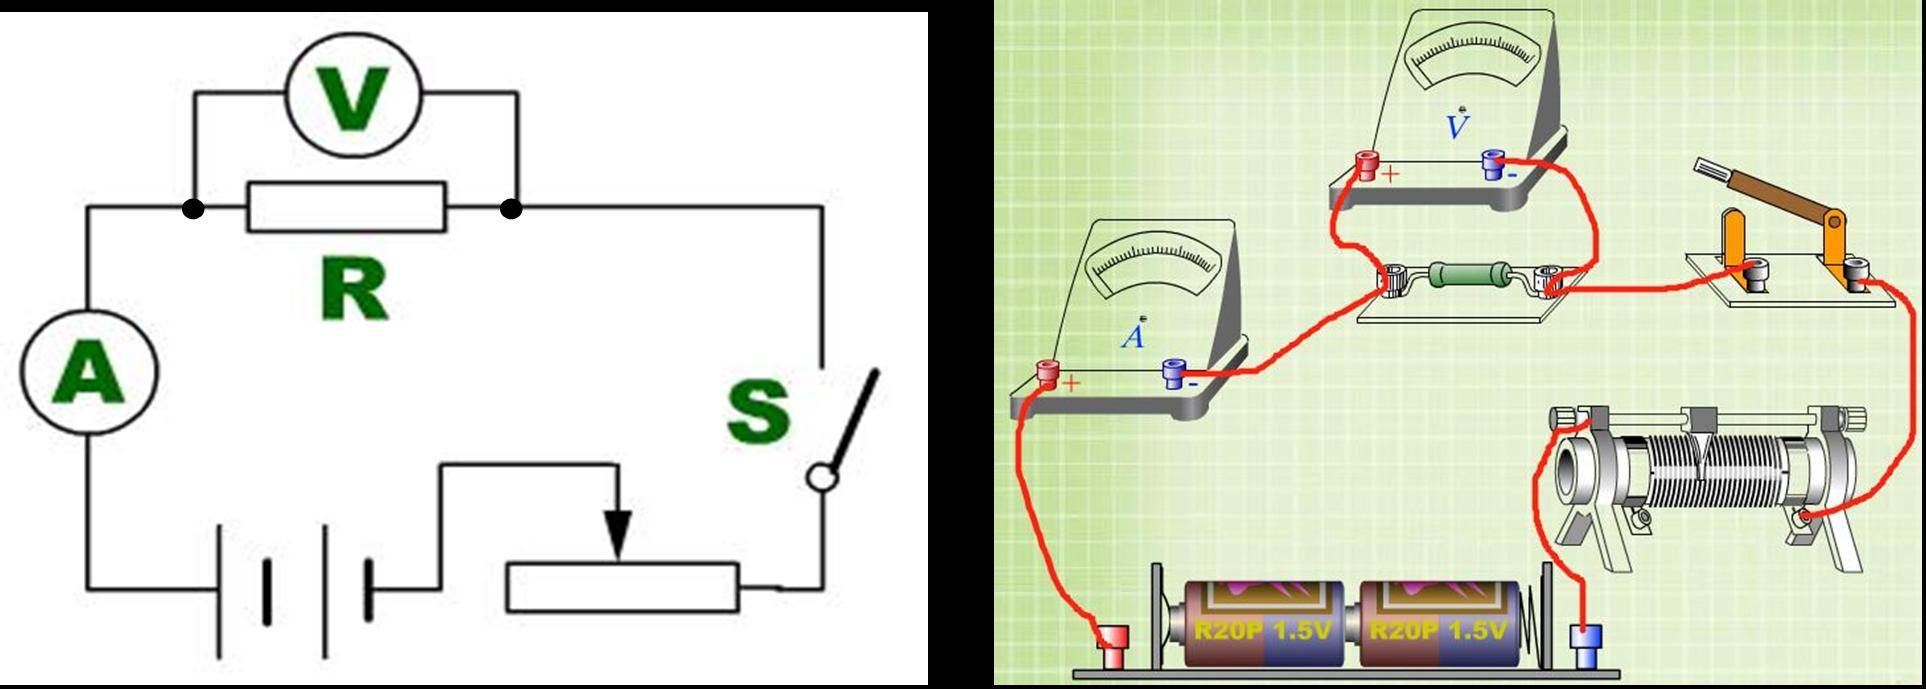 艺术囹�a�b&��#�+���_导体的电阻与它两端的电压成正比b